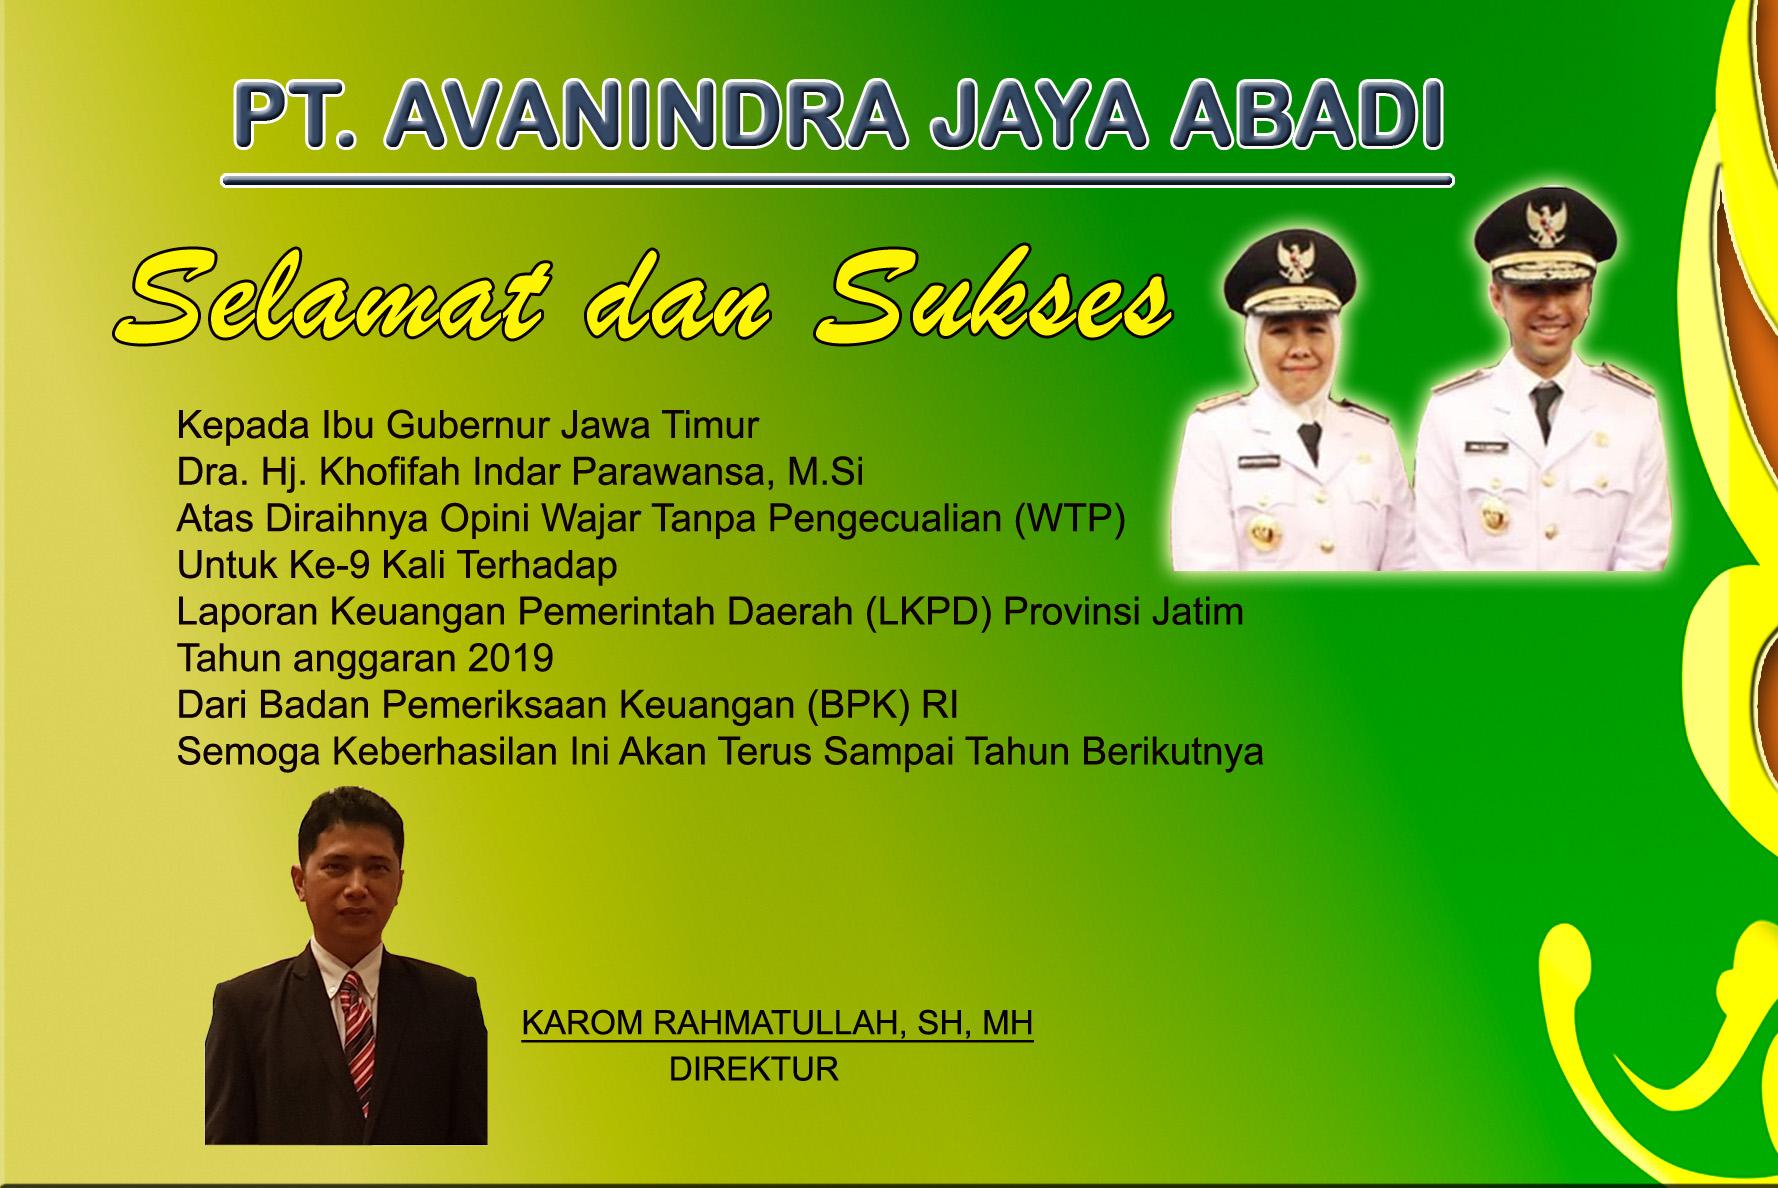 Ucapan Selamat Kepada Gubernur Jawa Timur